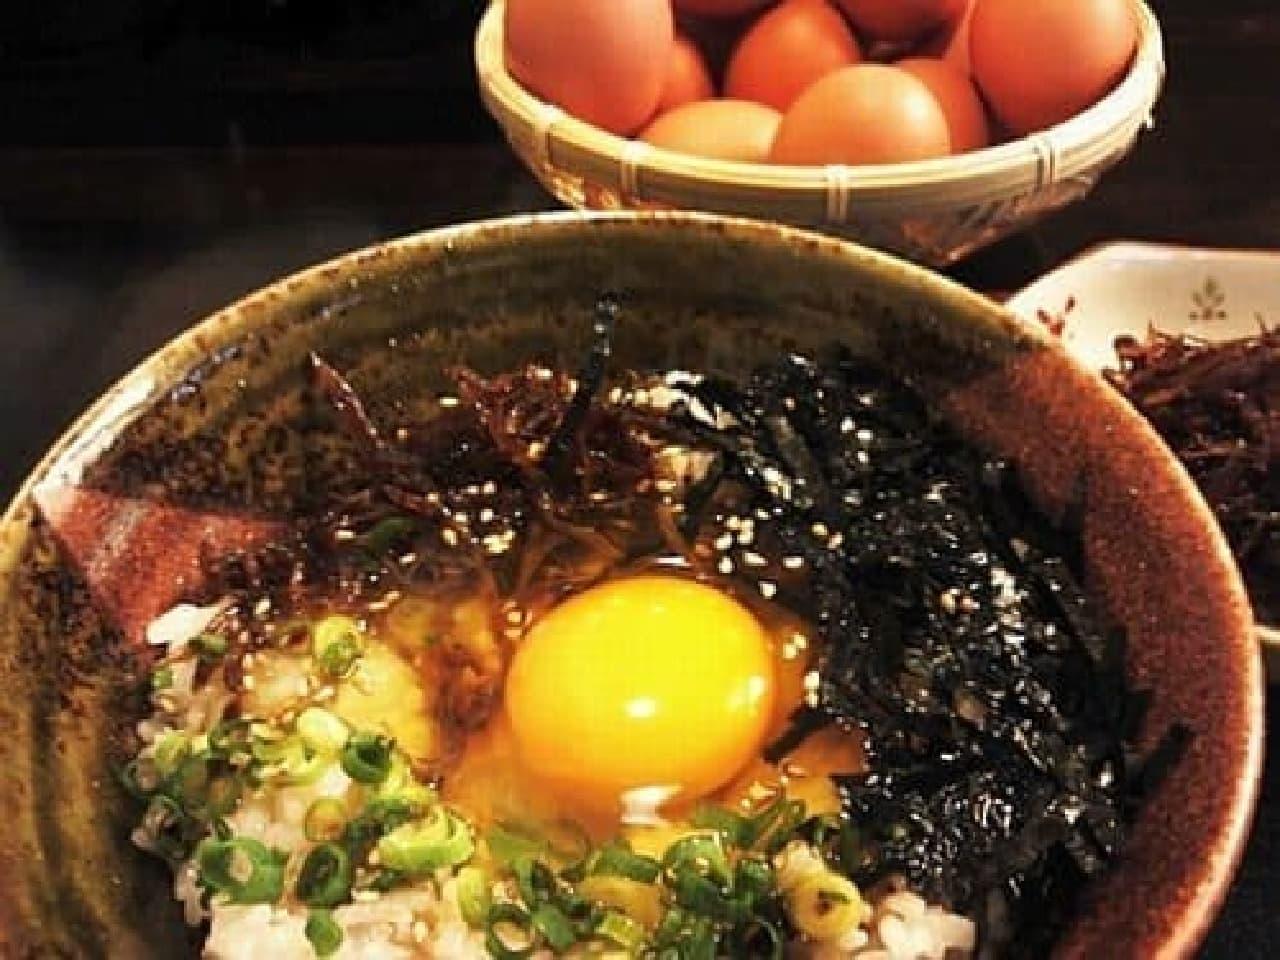 「加古川農家食堂」の「播磨灘の幸たまごかけごはん」  「え?これが卵かけご飯??」って思うほど、豪華なルックスです!